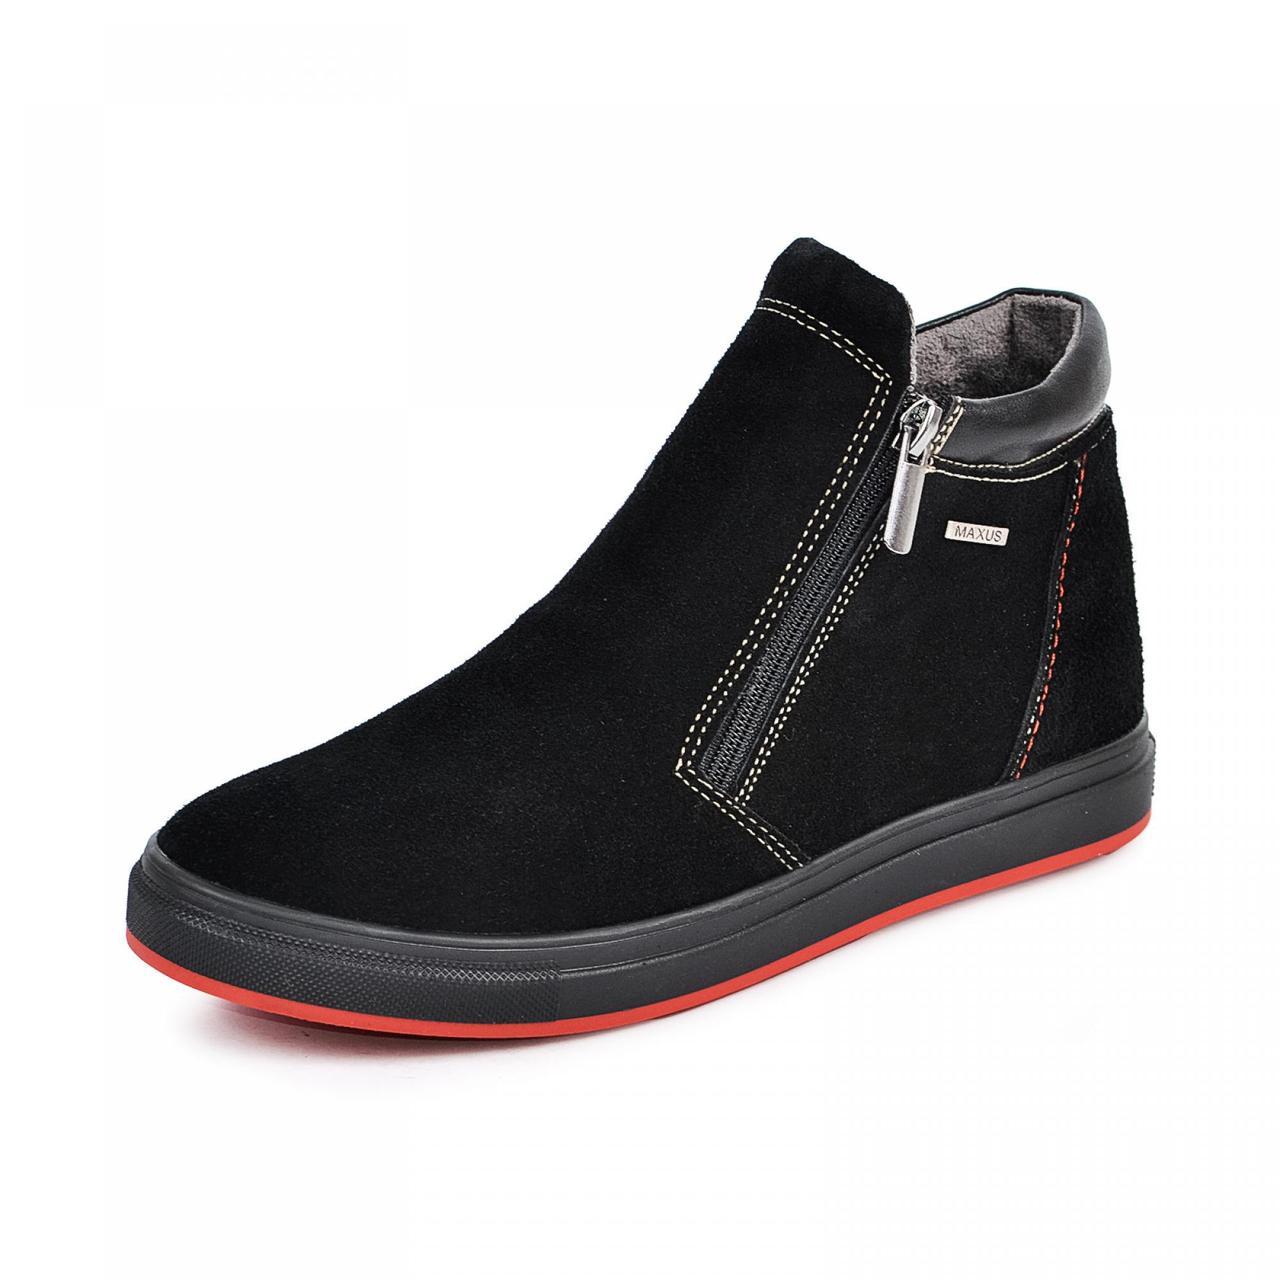 Ботинок  РК  2  черный  замш  комфорт